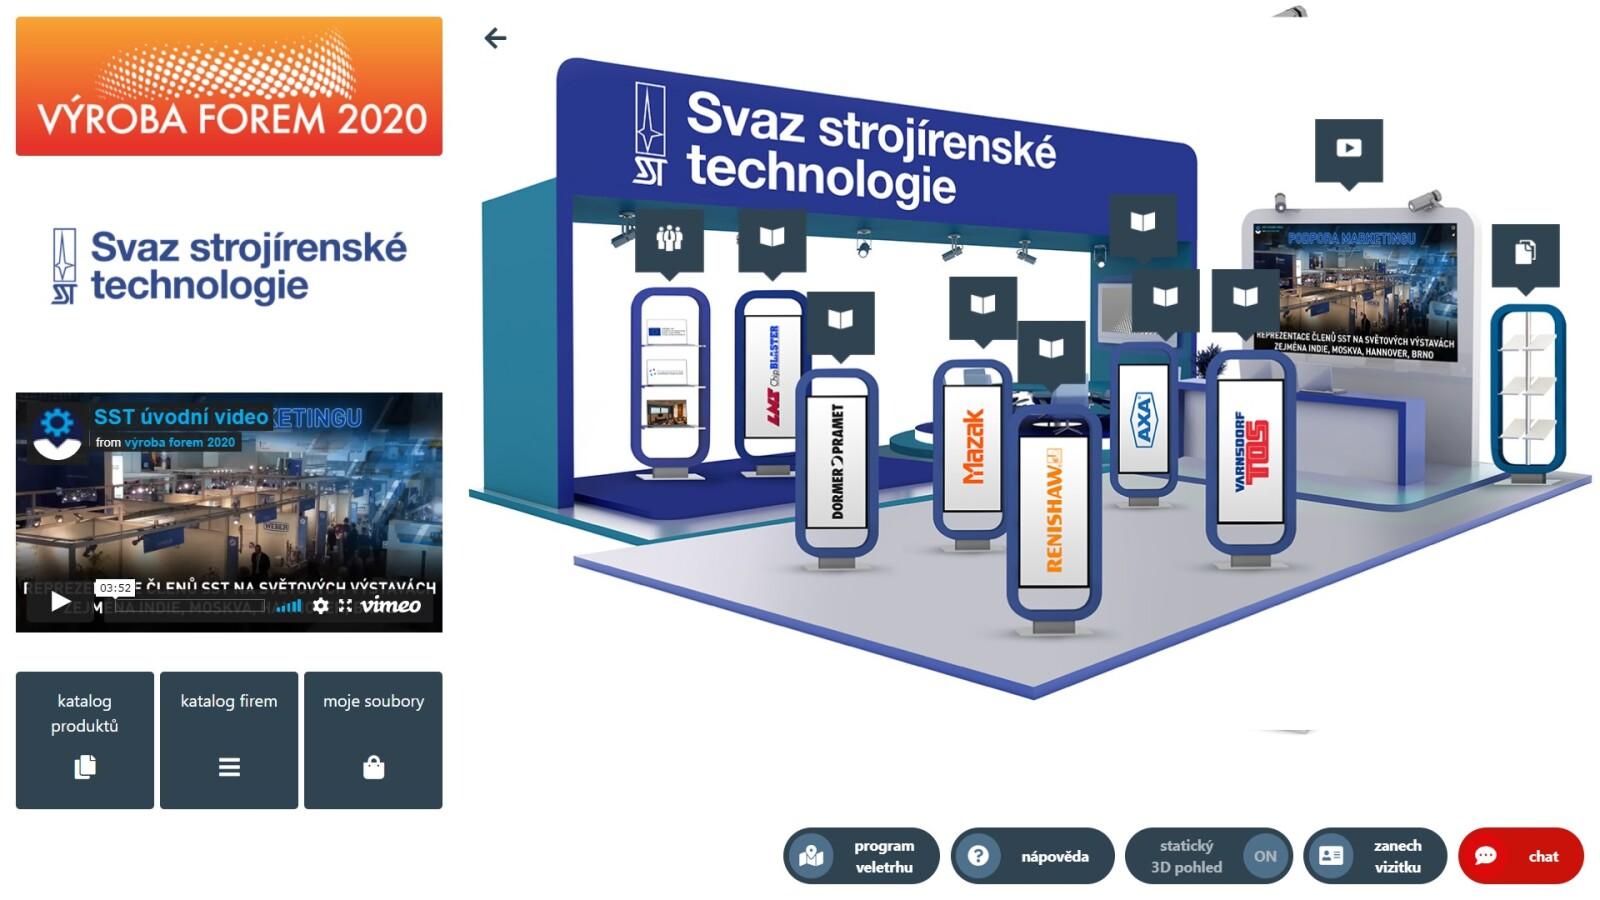 ChipBLASTER na vyrobaforem2020.cz